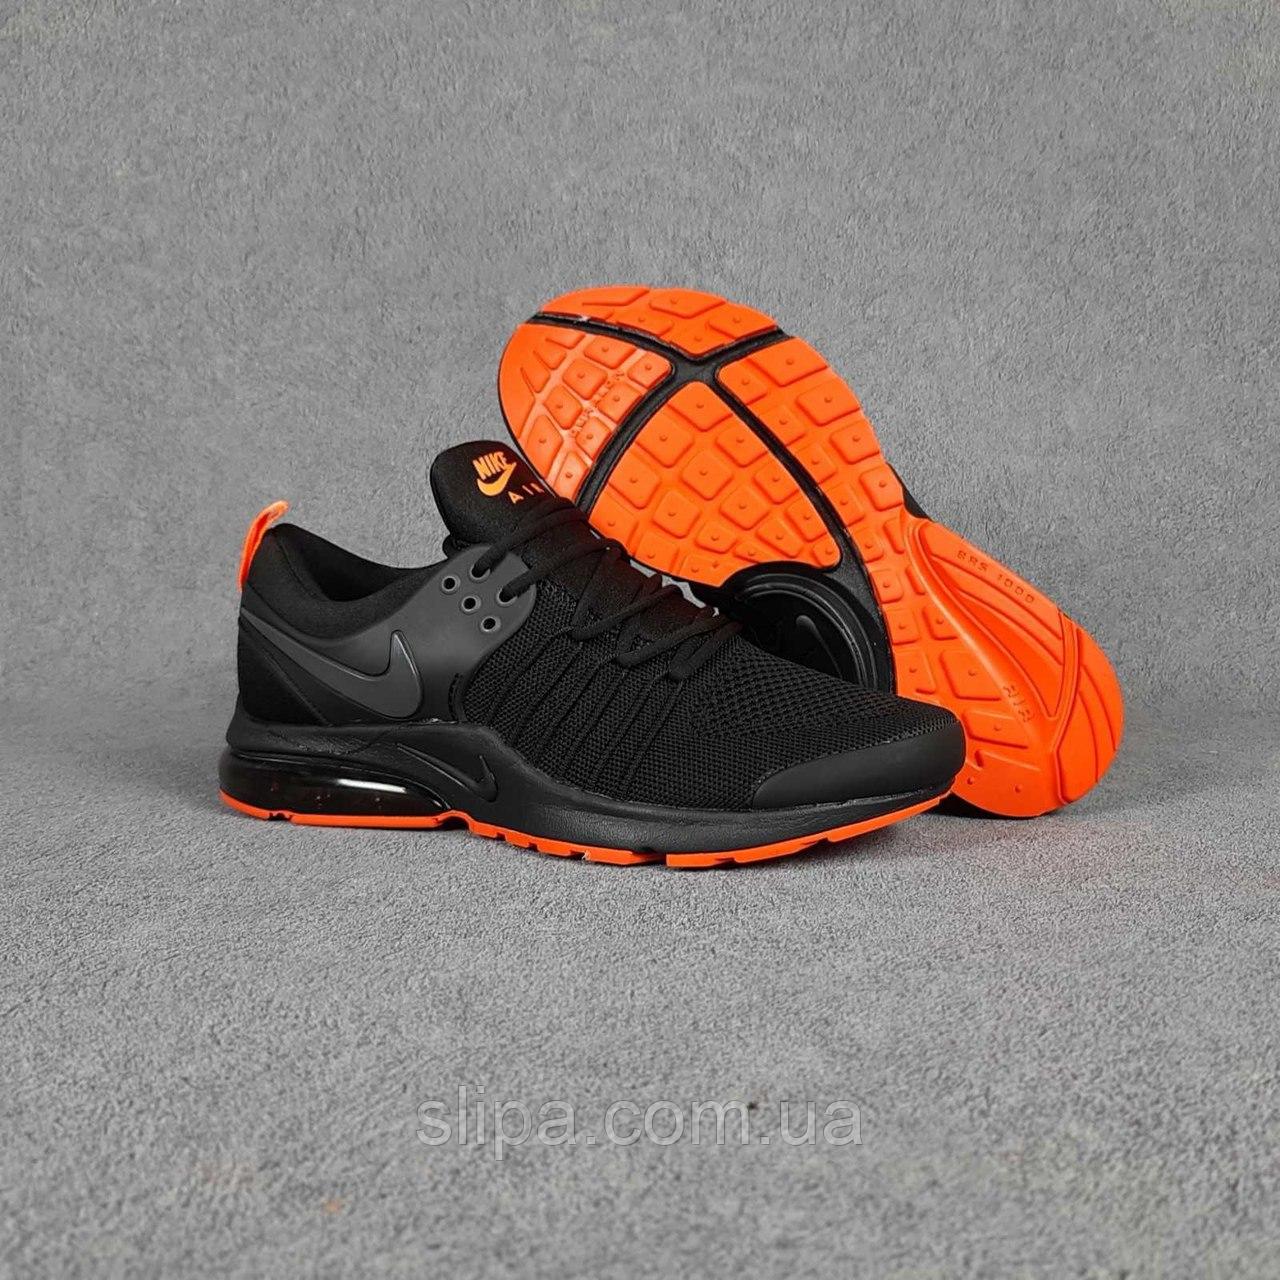 Чёрные мужские кроссовки в сетку Nike Air Presto на чёрной подошве   Вьетнам   сетка + пена